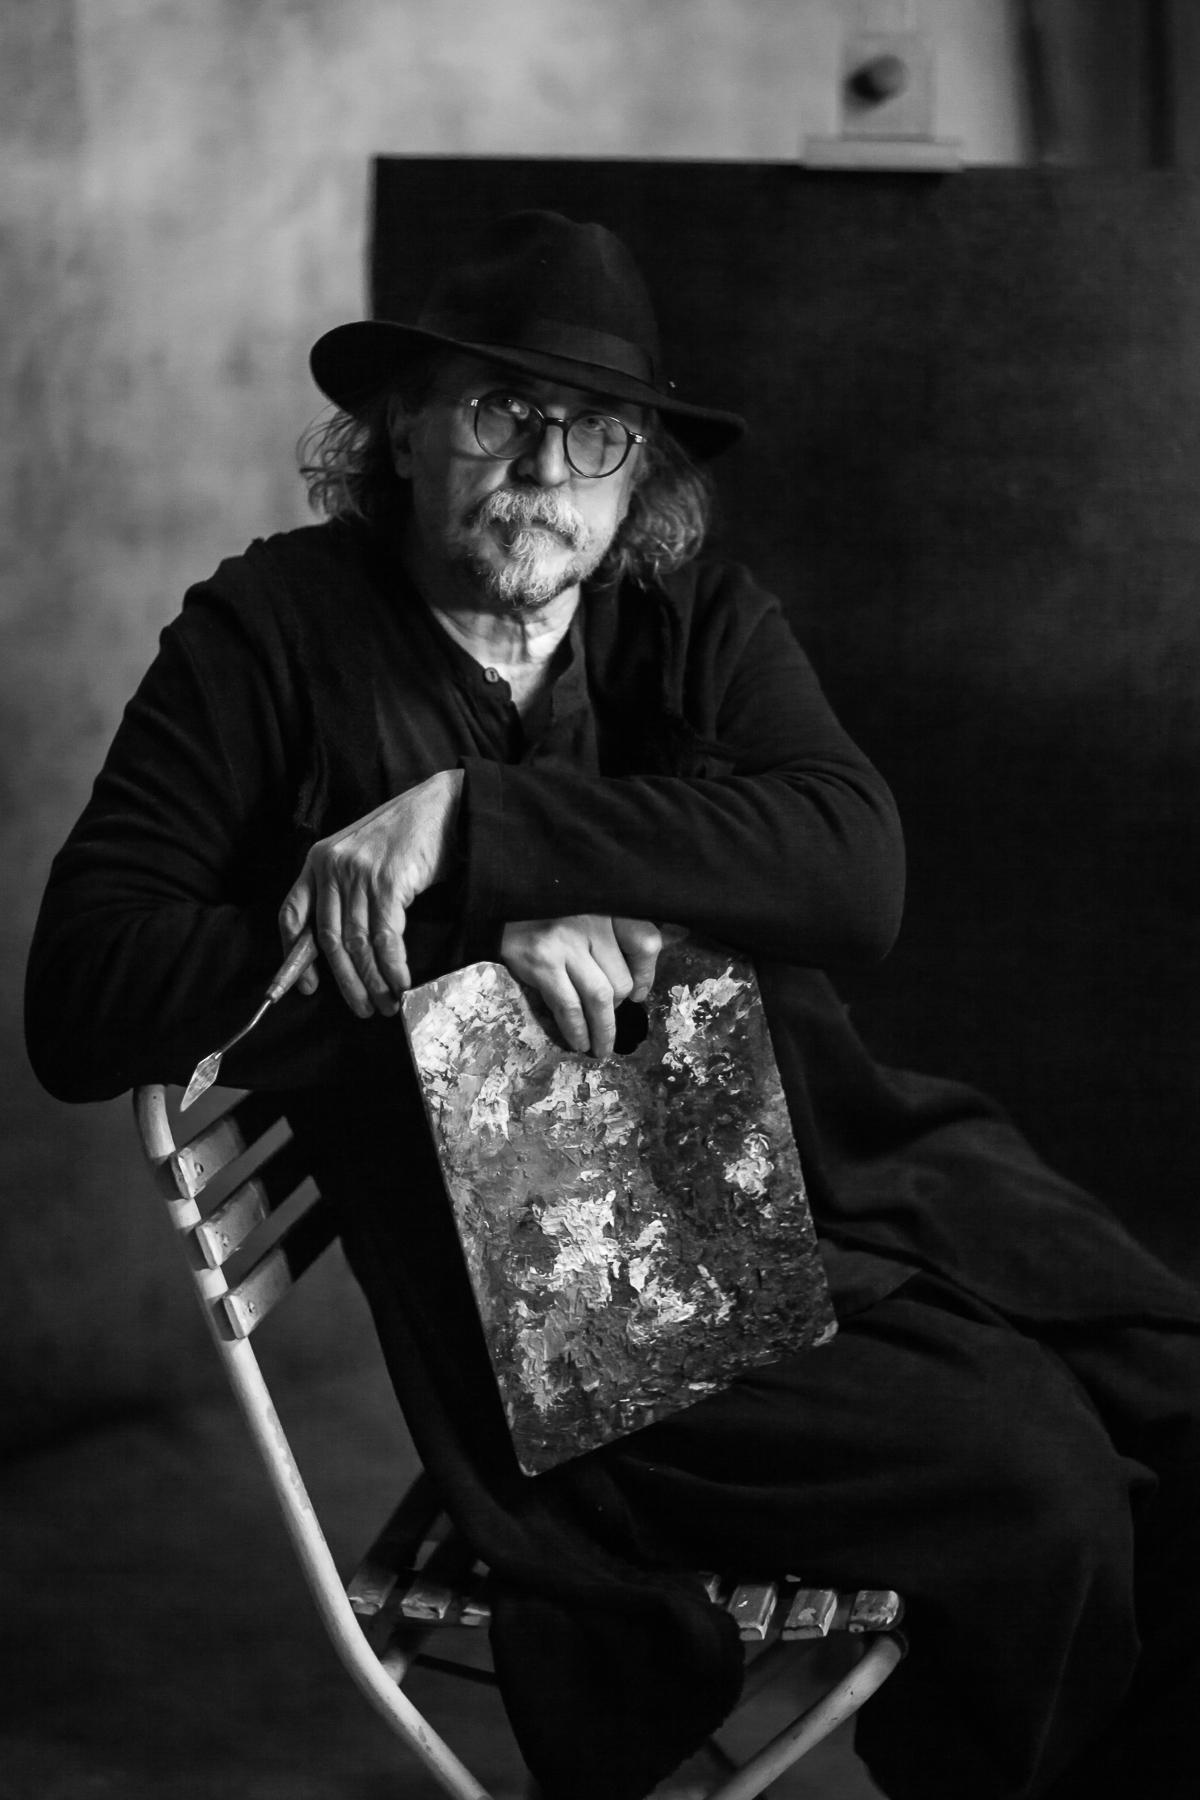 Празький художник Олександр Онищенко та відомий композитор Євген Хмара роблять унікальну колаборацію у Києві